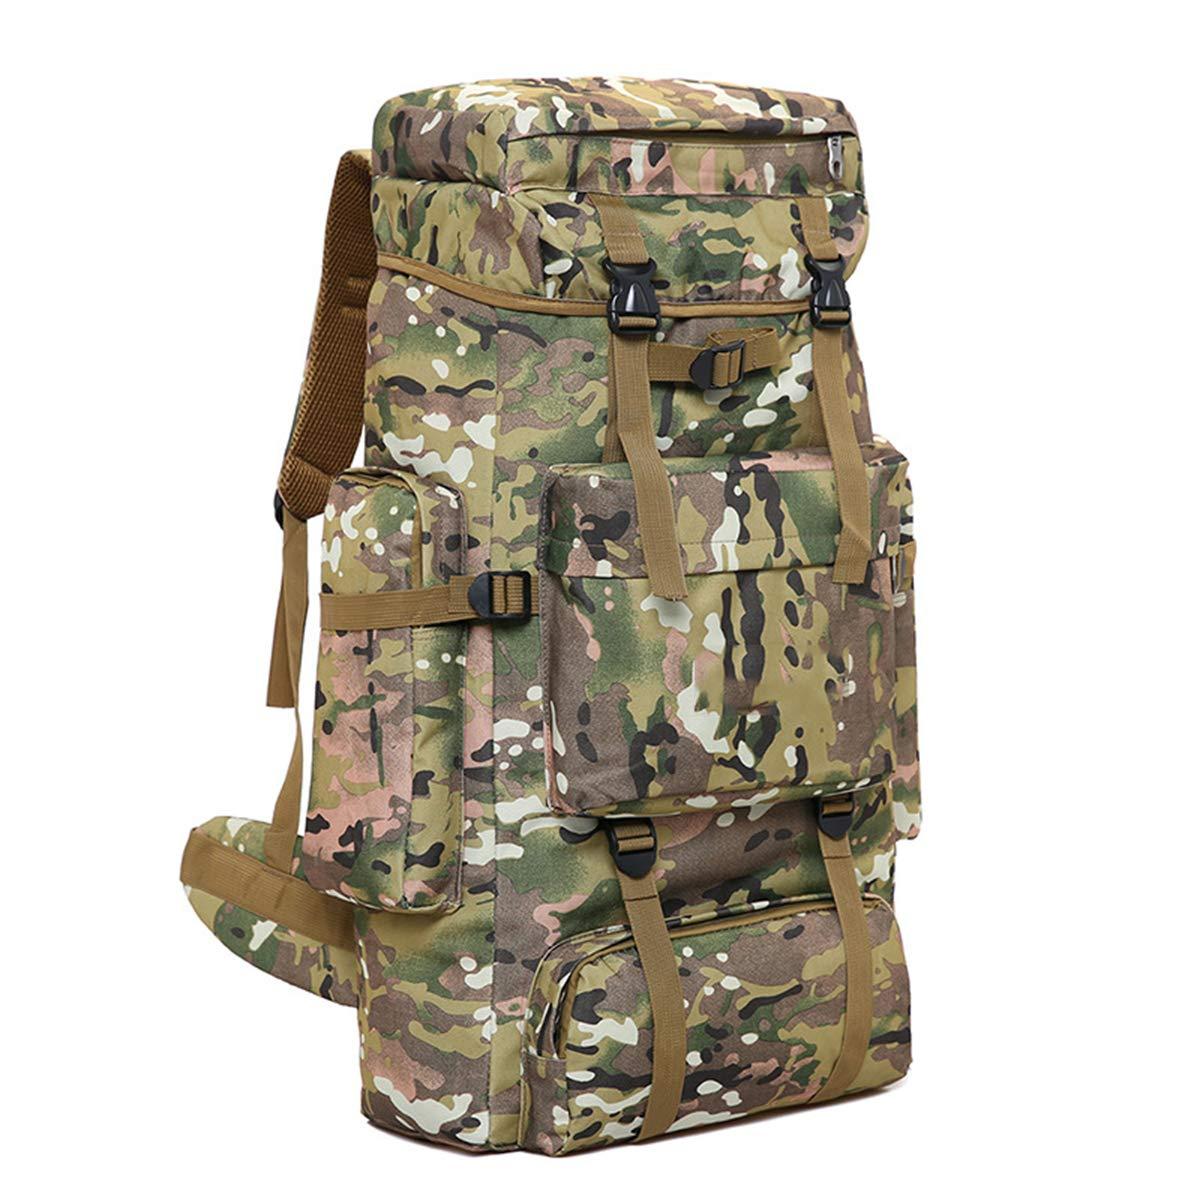 G  Sac D'alpinisme En Plein Air Camouflage Tactique Sac à Dos Grande Capacité Sac à Dos De Voyage portable Léger Sac à Dos De Camping